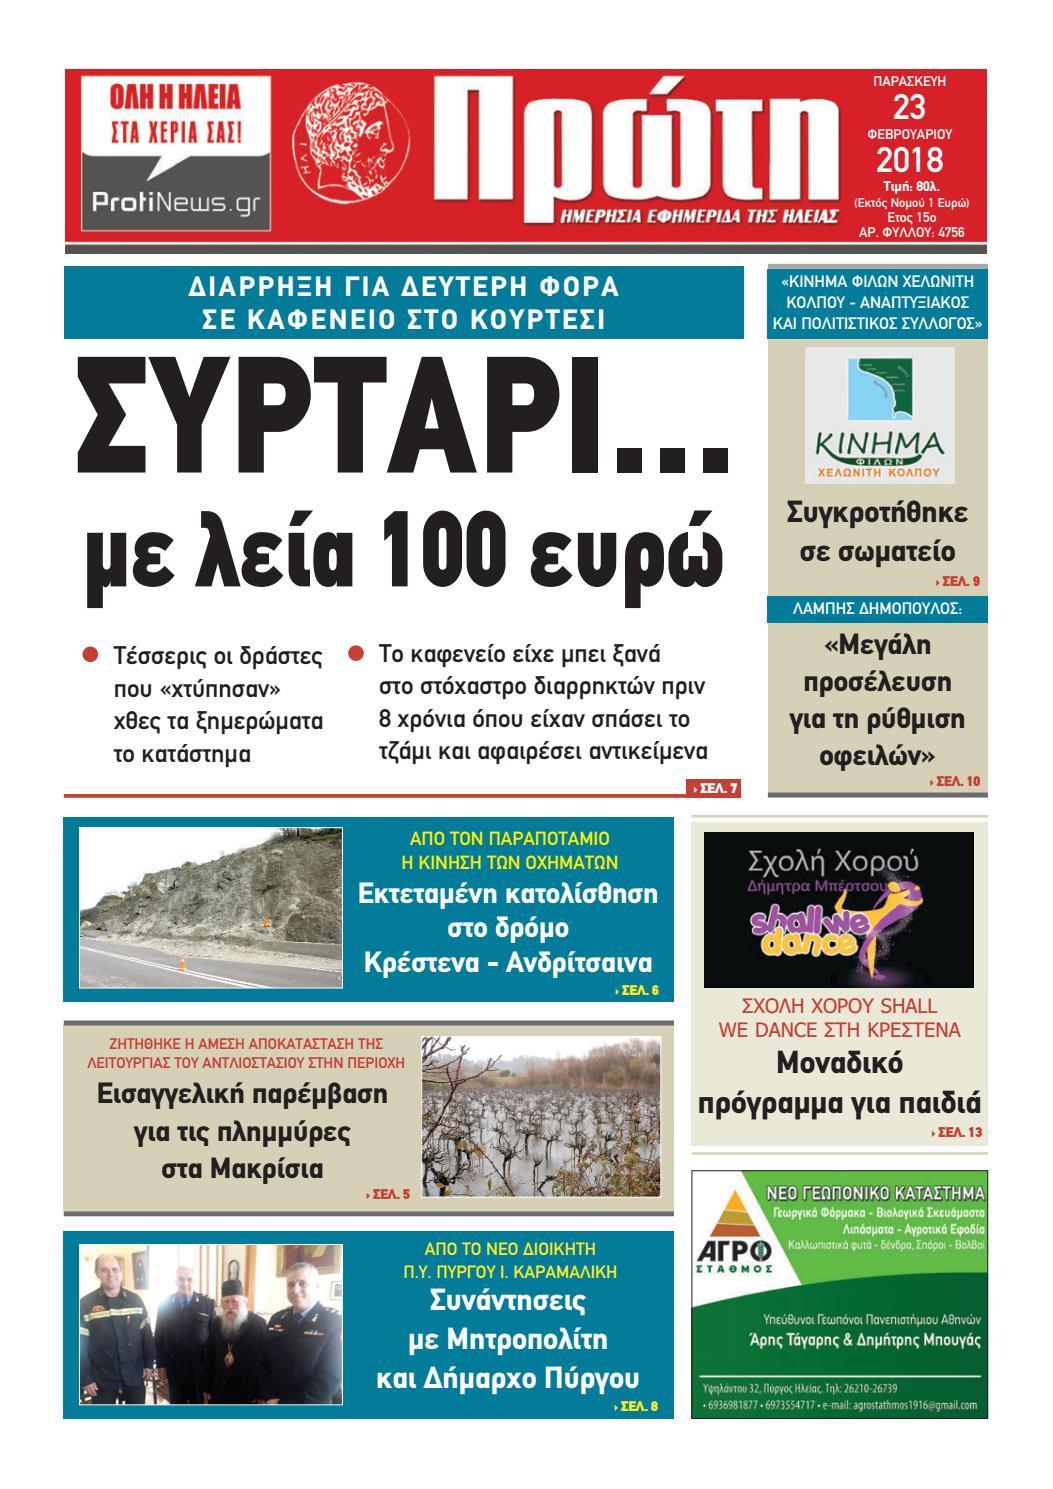 26d6a462d 23feb 24452313113131258 by protinews.gr - issuu